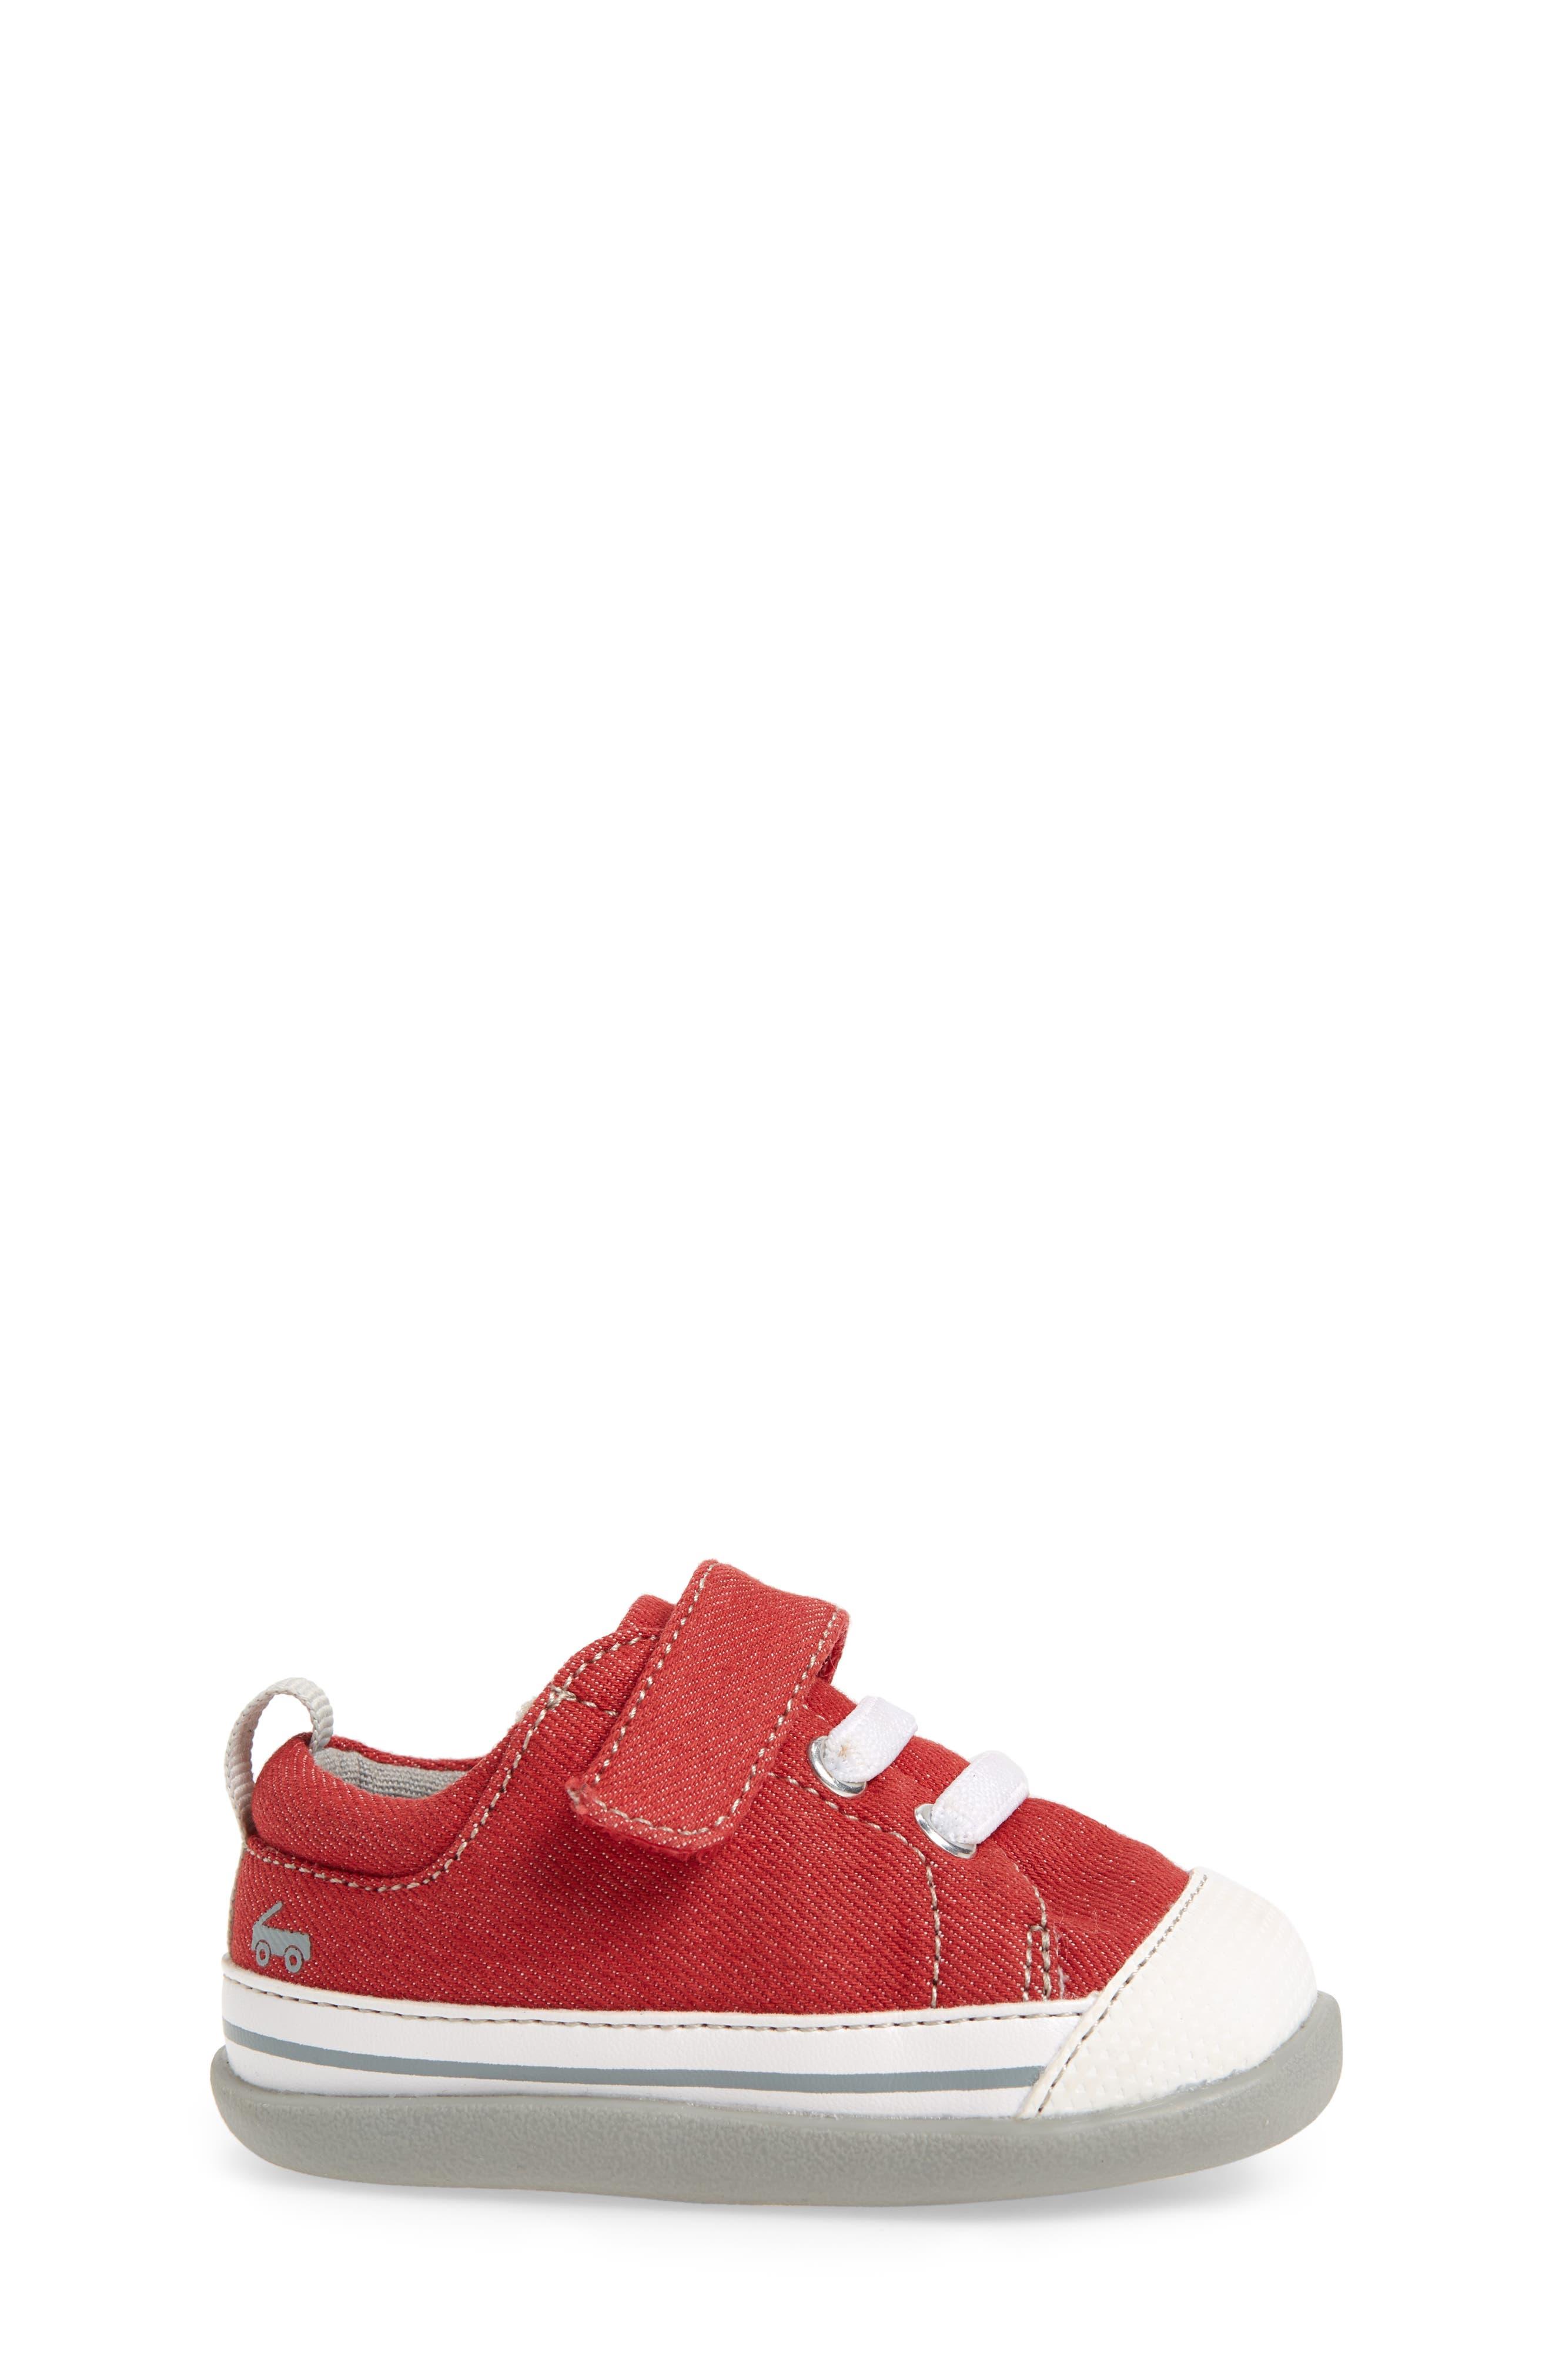 Stevie II Sneaker,                             Alternate thumbnail 3, color,                             Red/ Gray